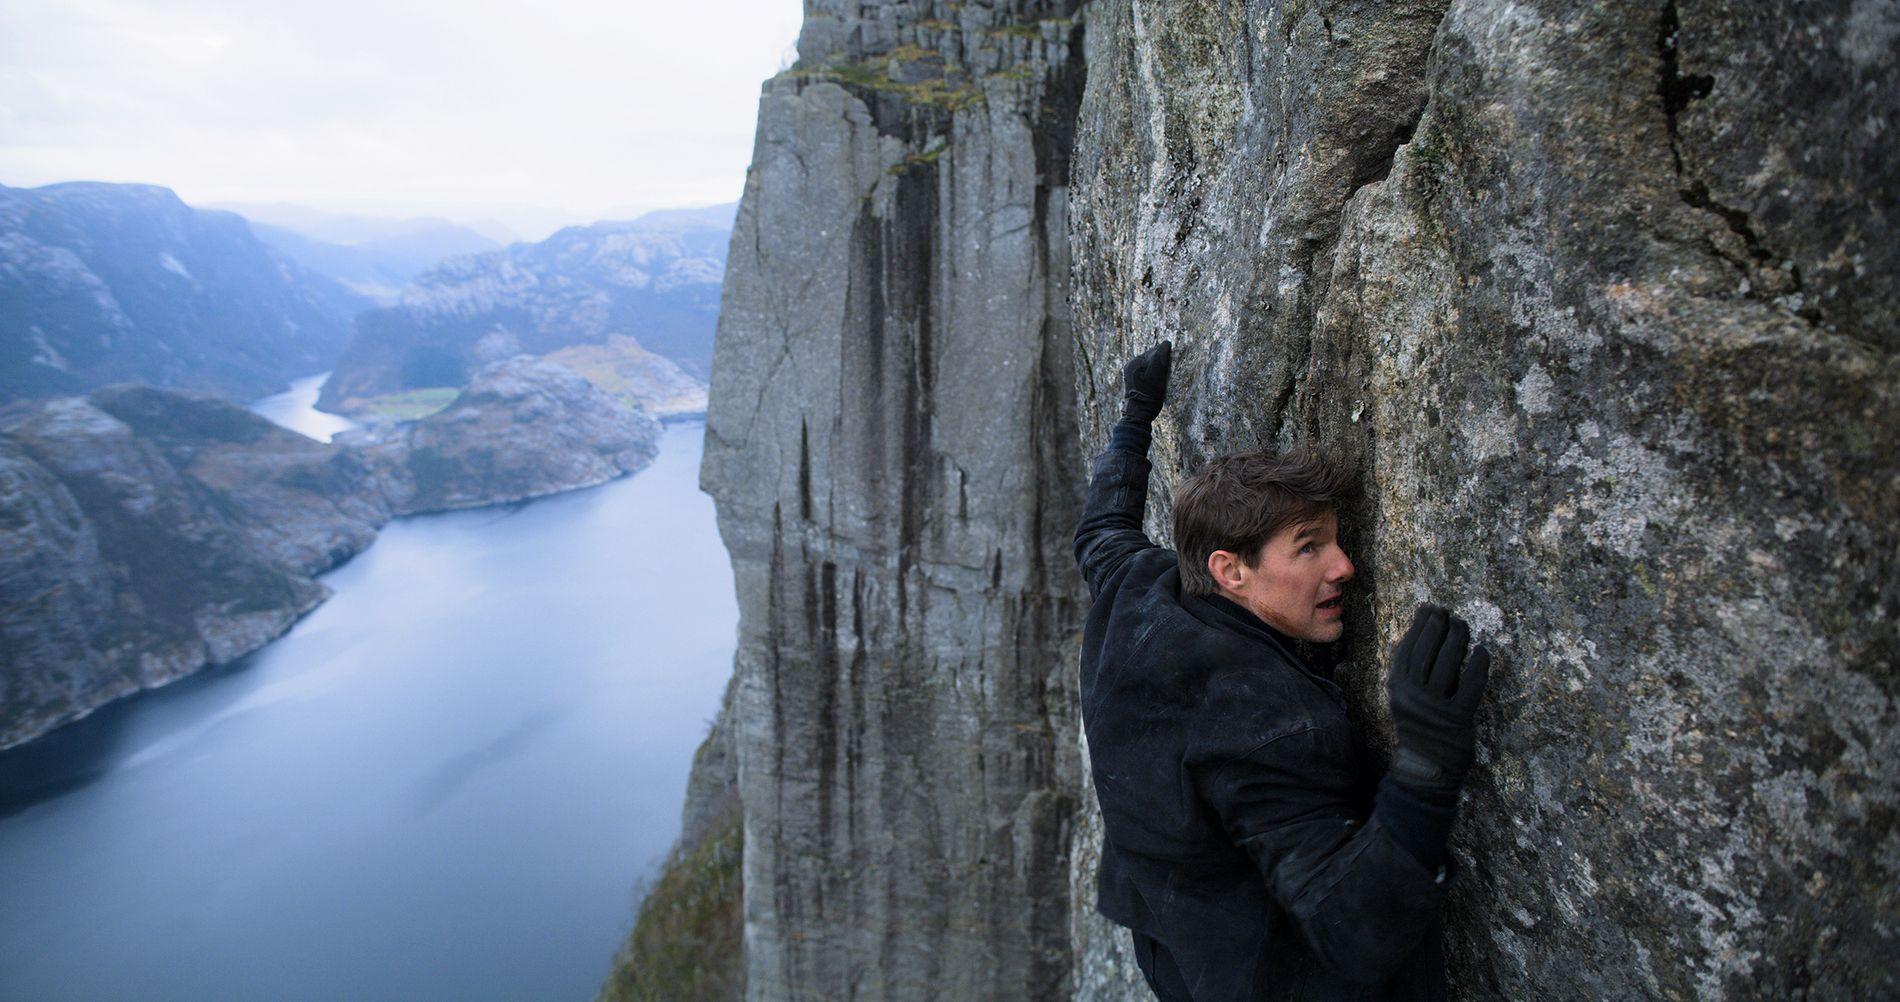 MYE BRUKT: Dette dramatiske bildet av Tom Cruise som henger utenfor Preikestolen er nå mye brukt i anmeldelsene av filmen.